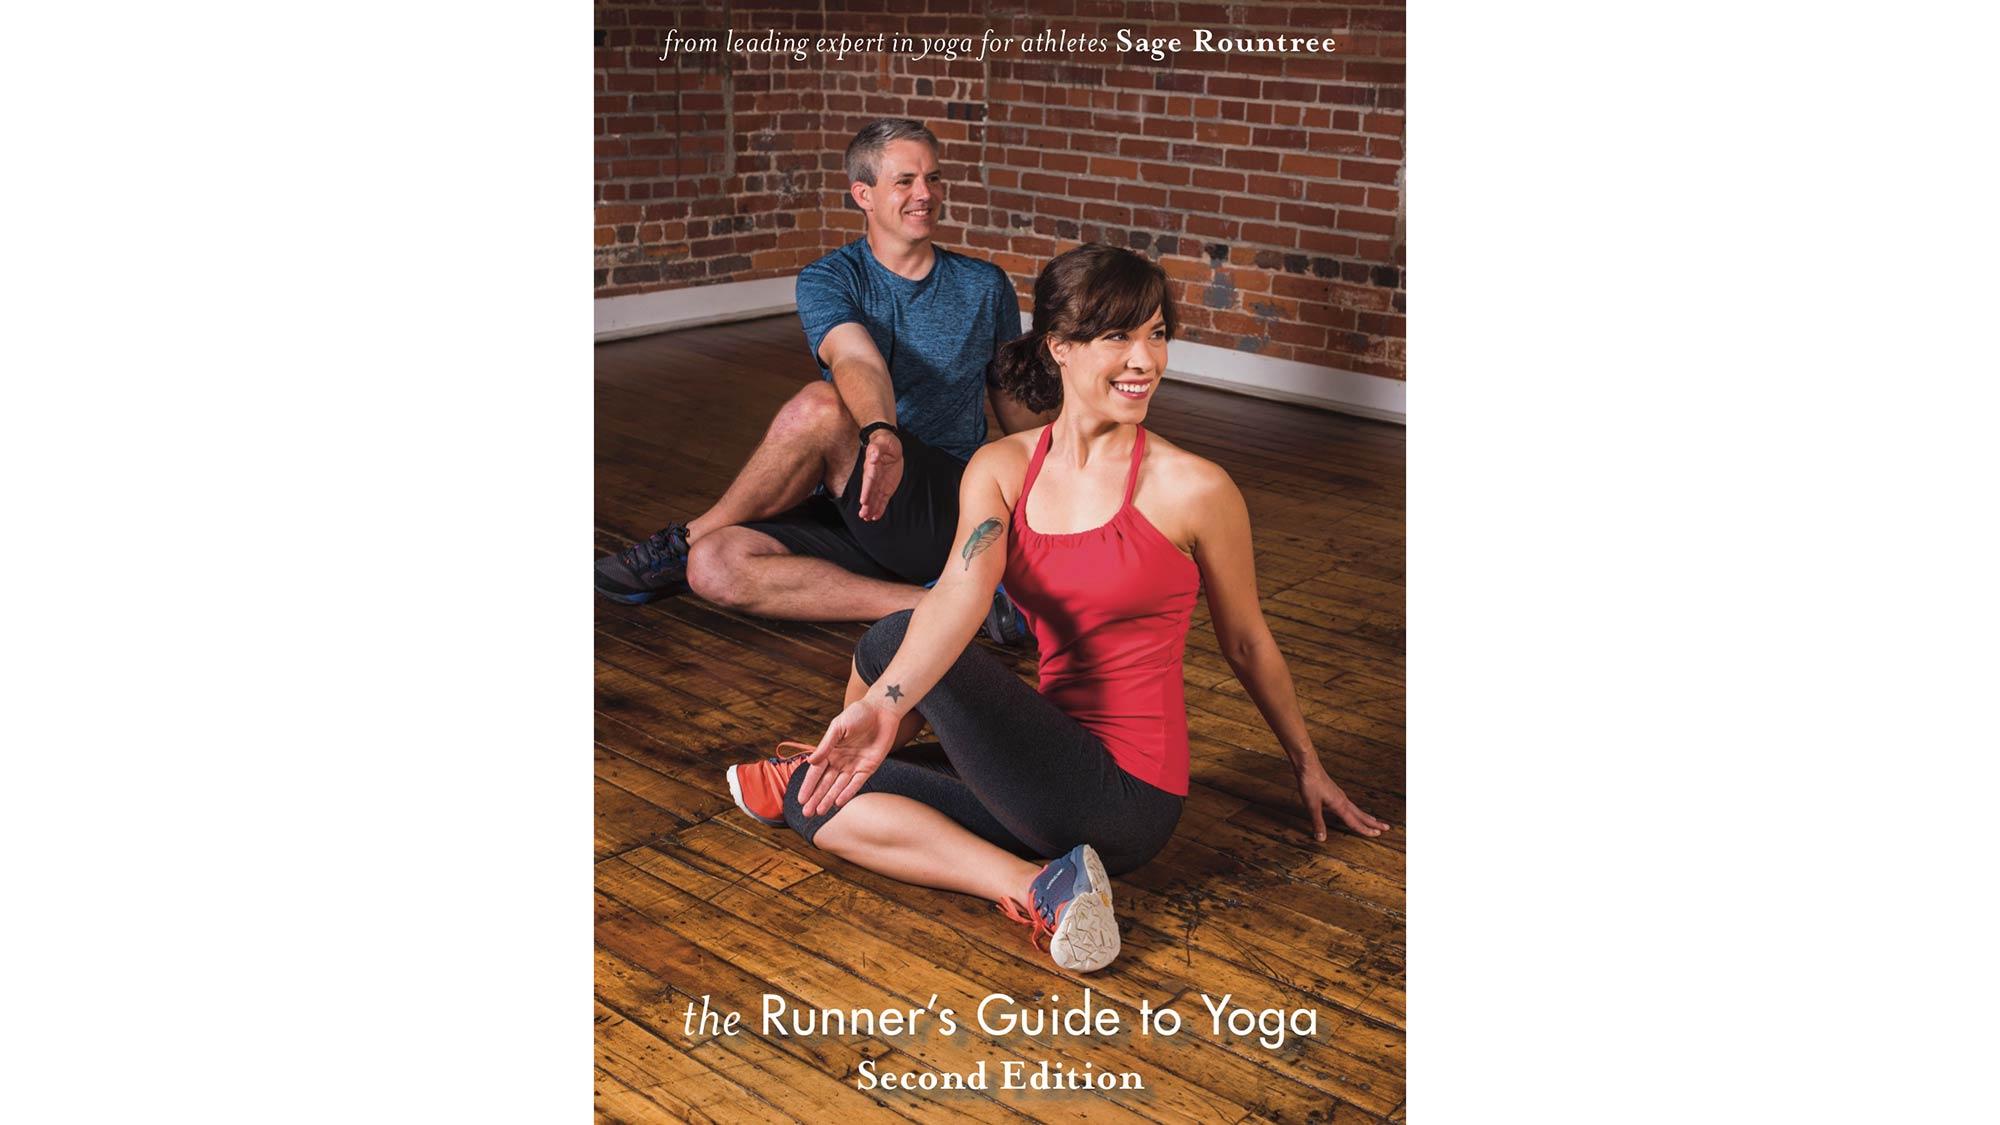 Portada del libro The Runner's Guide to Yoga